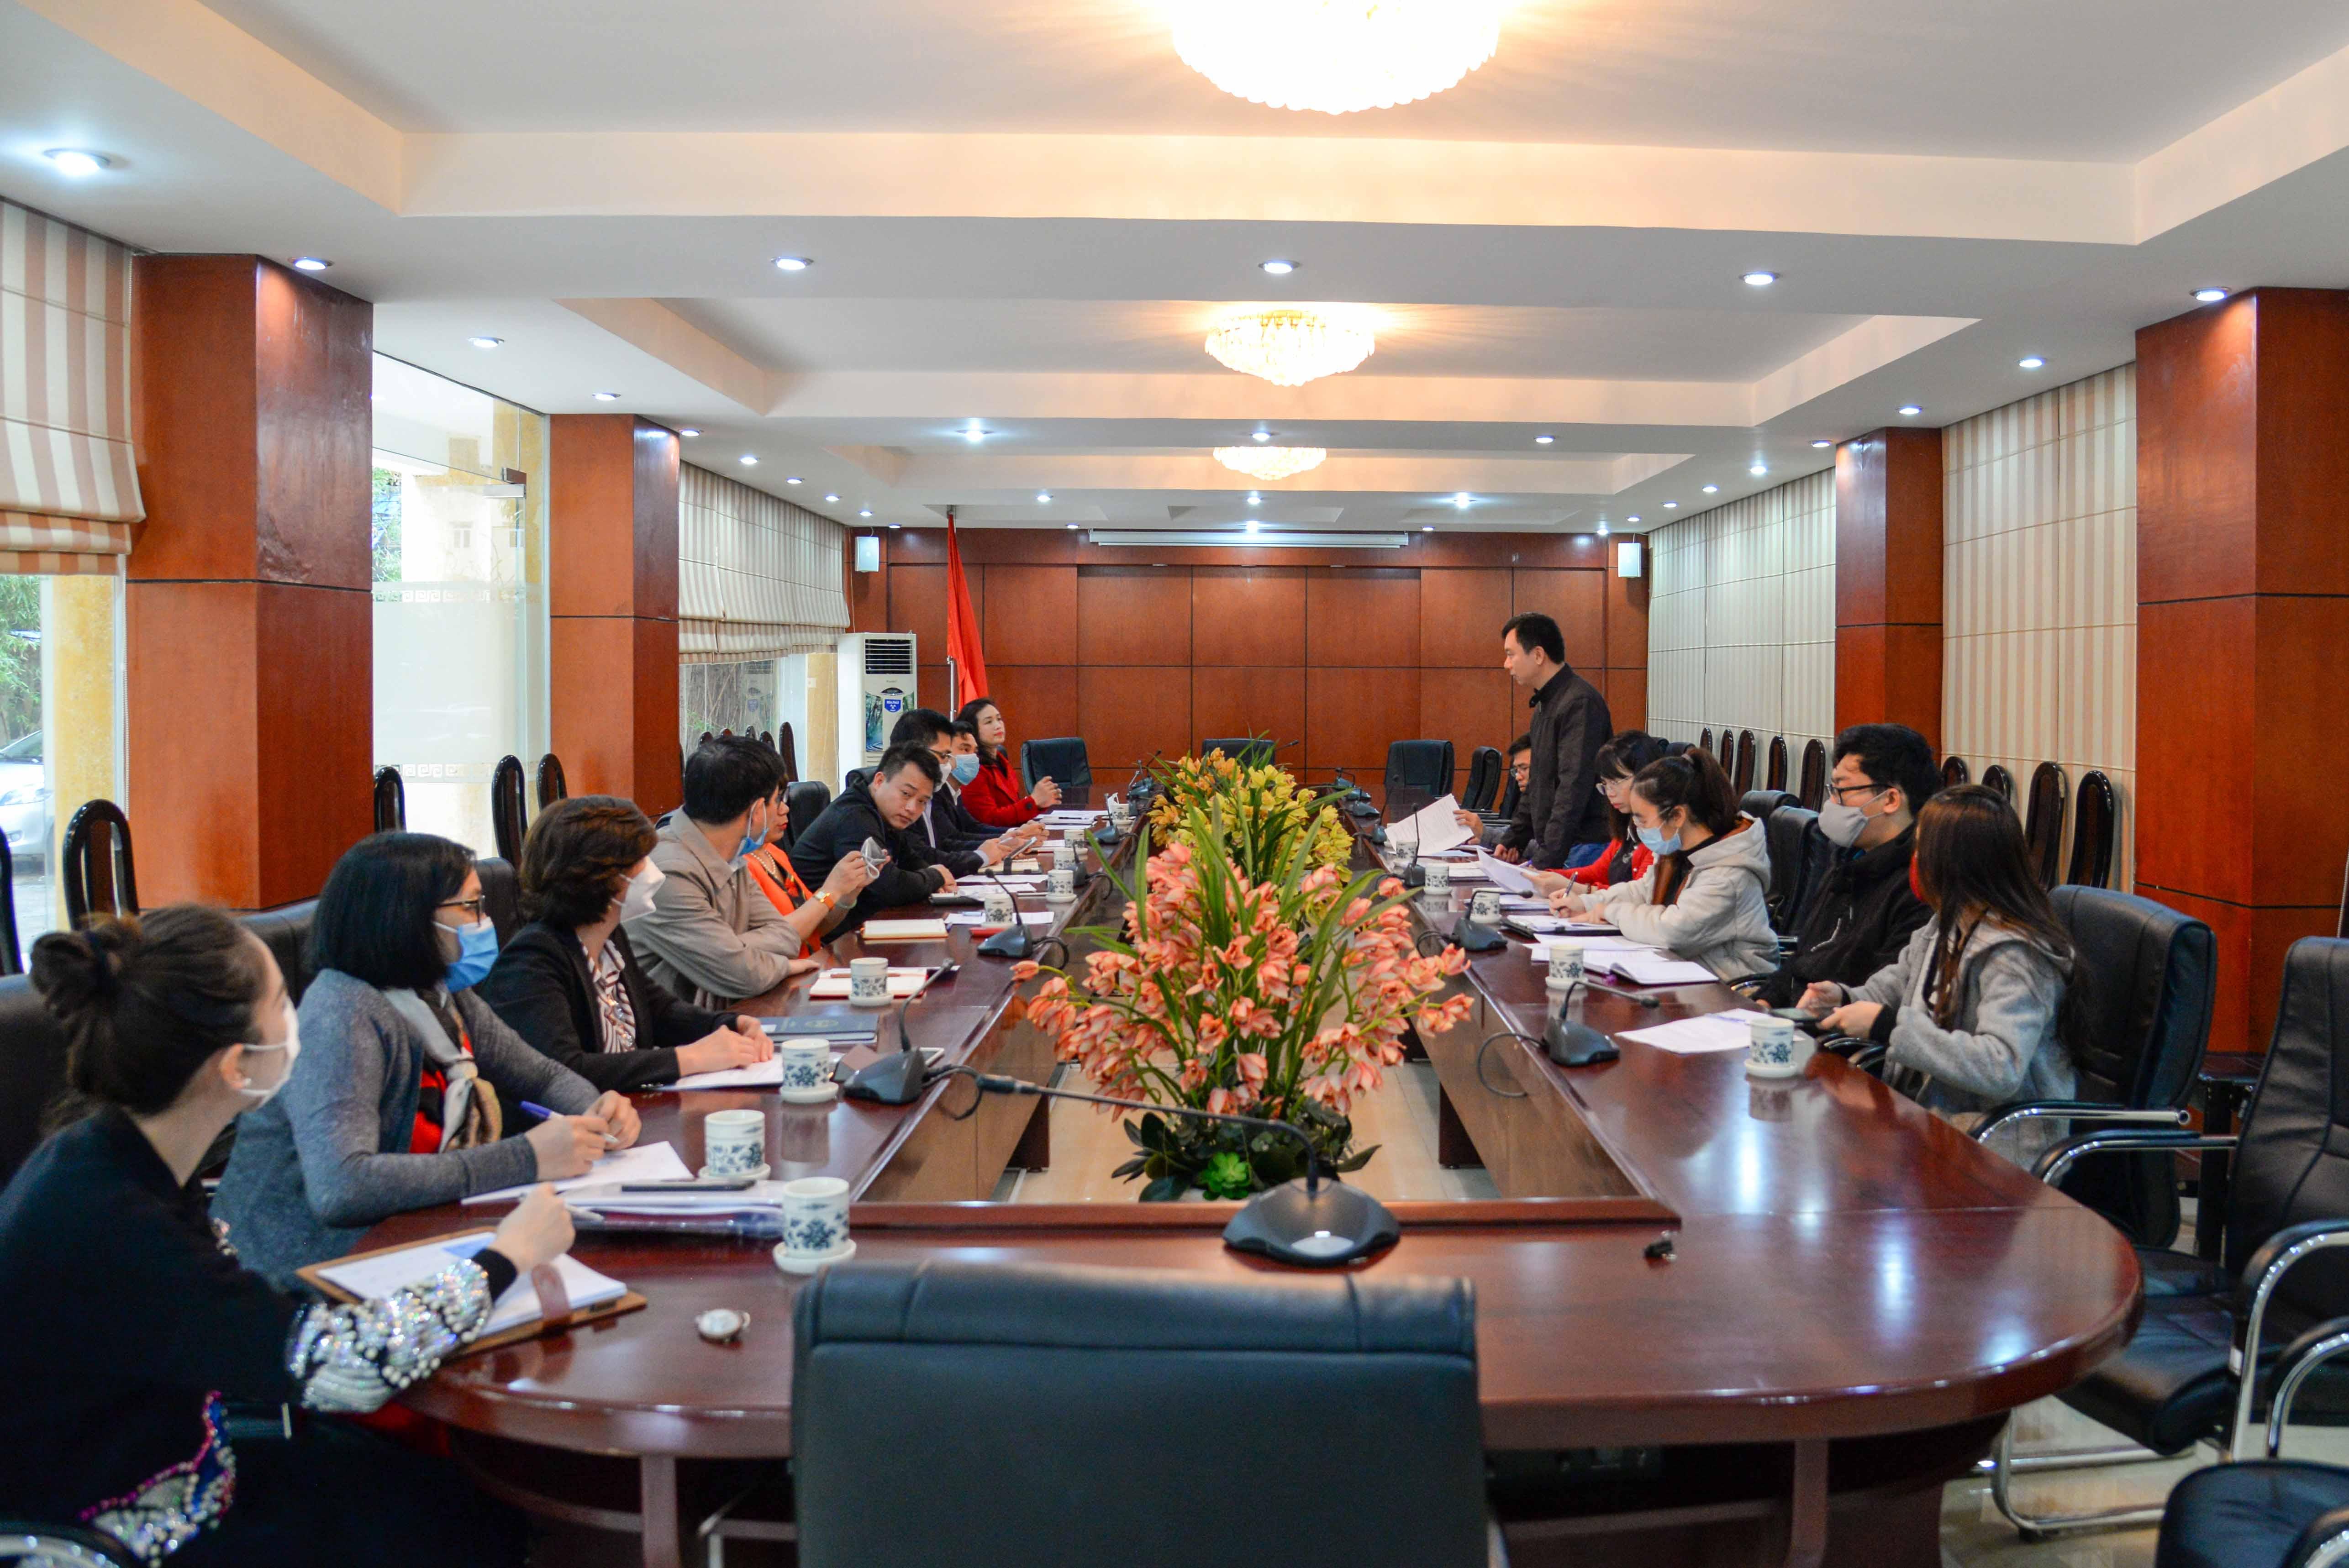 Làm việc với Đoàn kiểm tra công tác phòng, chống dịch bệnh Covid-19 của Trung tâm Kiểm soát bệnh tật thành phố Hà Nội và Trung tâm Y tế quận Đống Đa